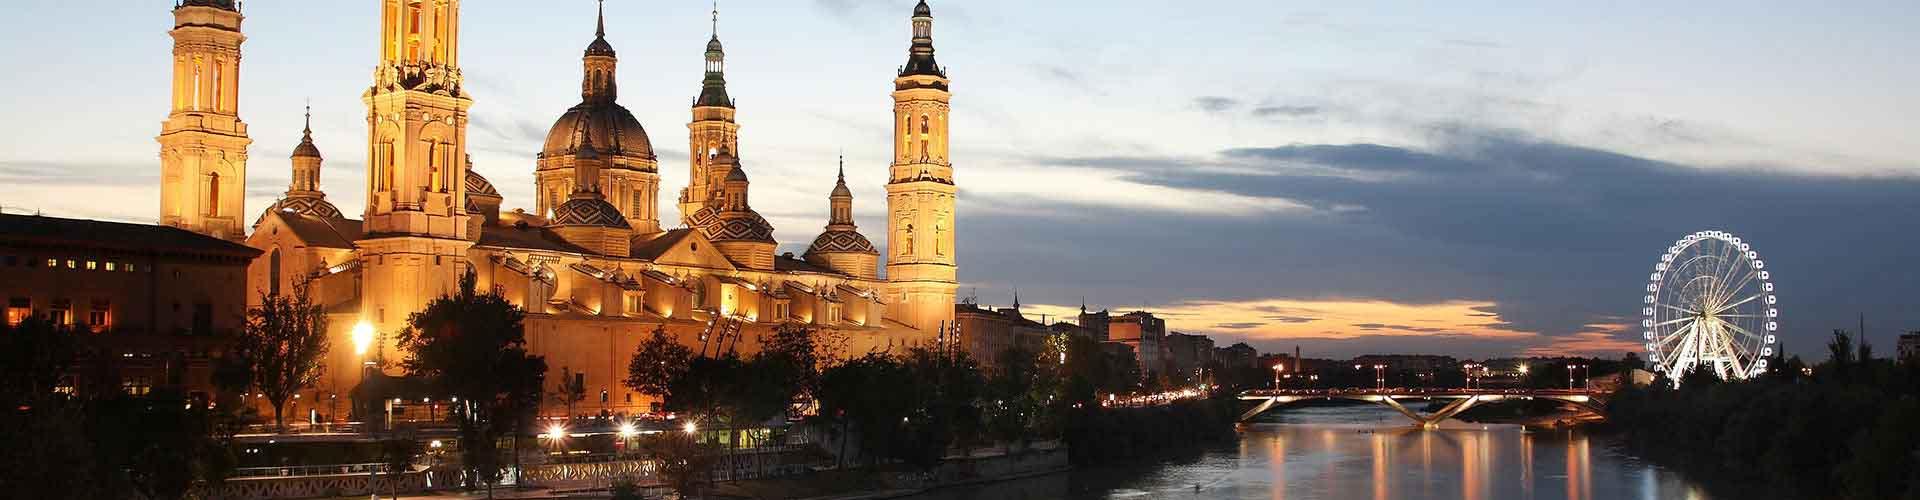 Zaragoza - Auberges de jeunesse dans le quartier de Centre. Cartes pour Zaragoza, photos et commentaires pour chaque auberge de jeunesse à Zaragoza.